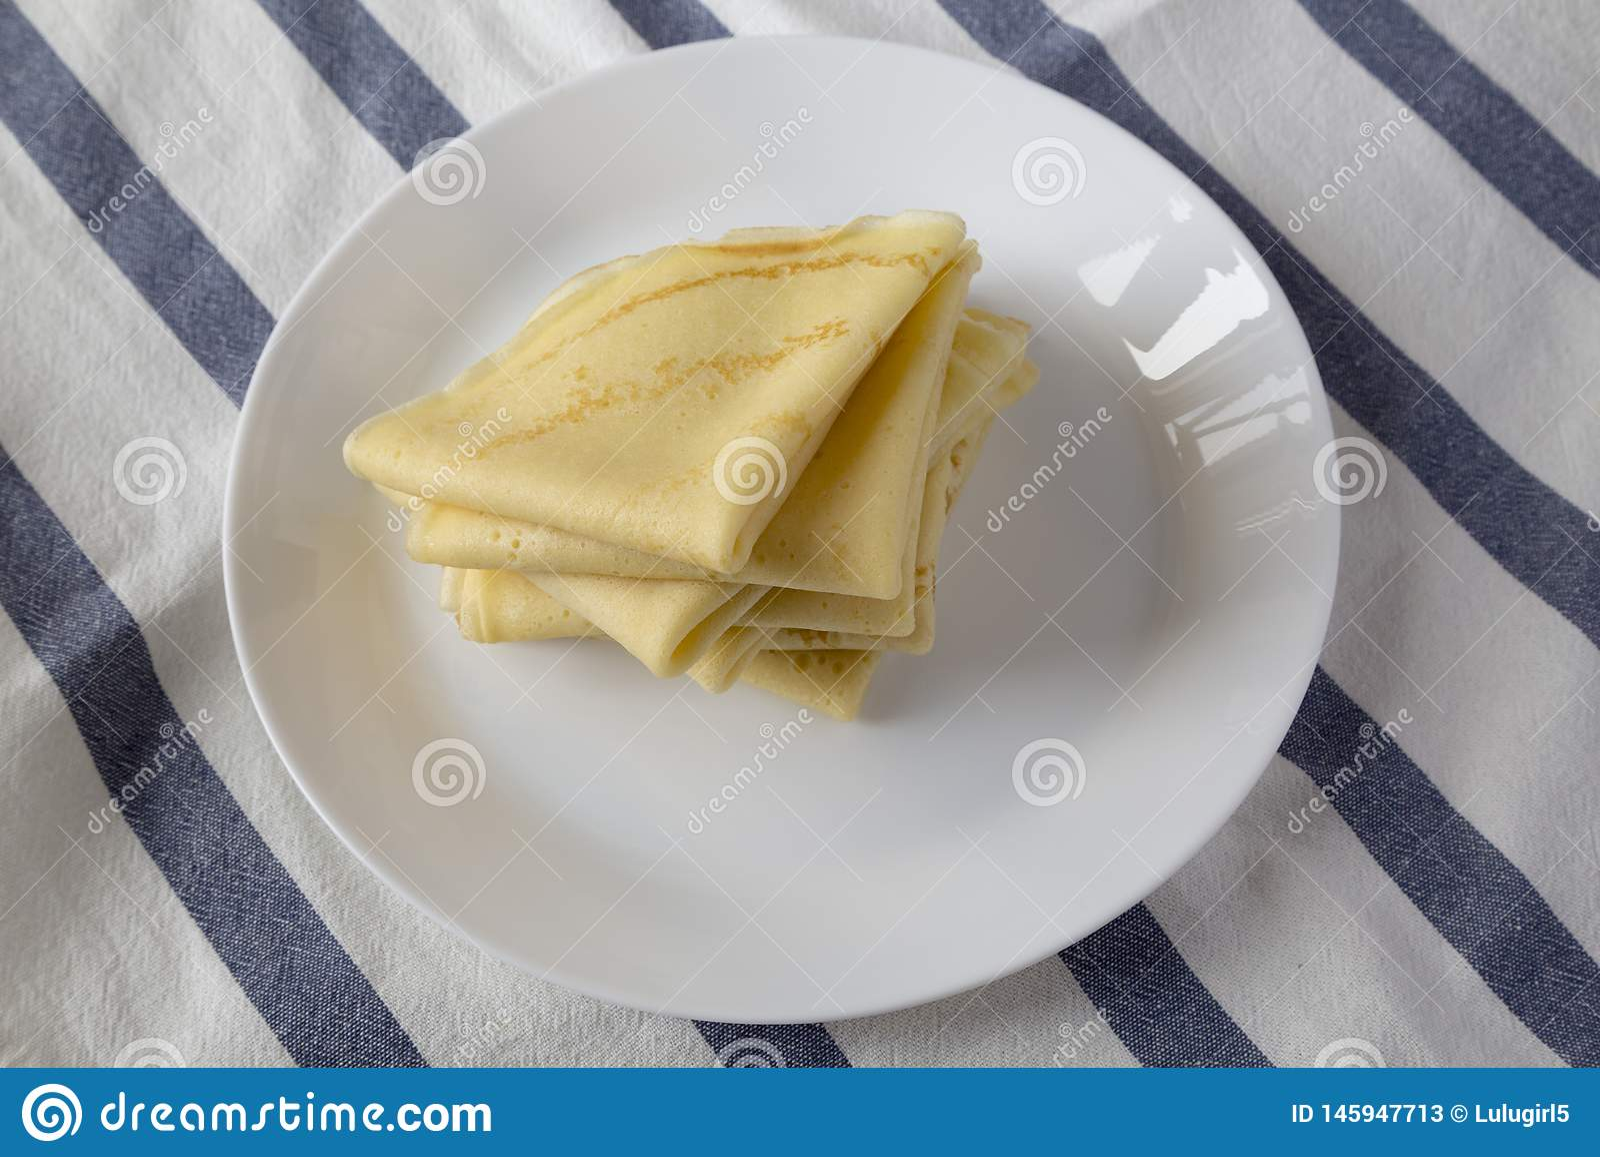 堆在一块白色板材的鲜美俄式薄煎饼,侧视图 r